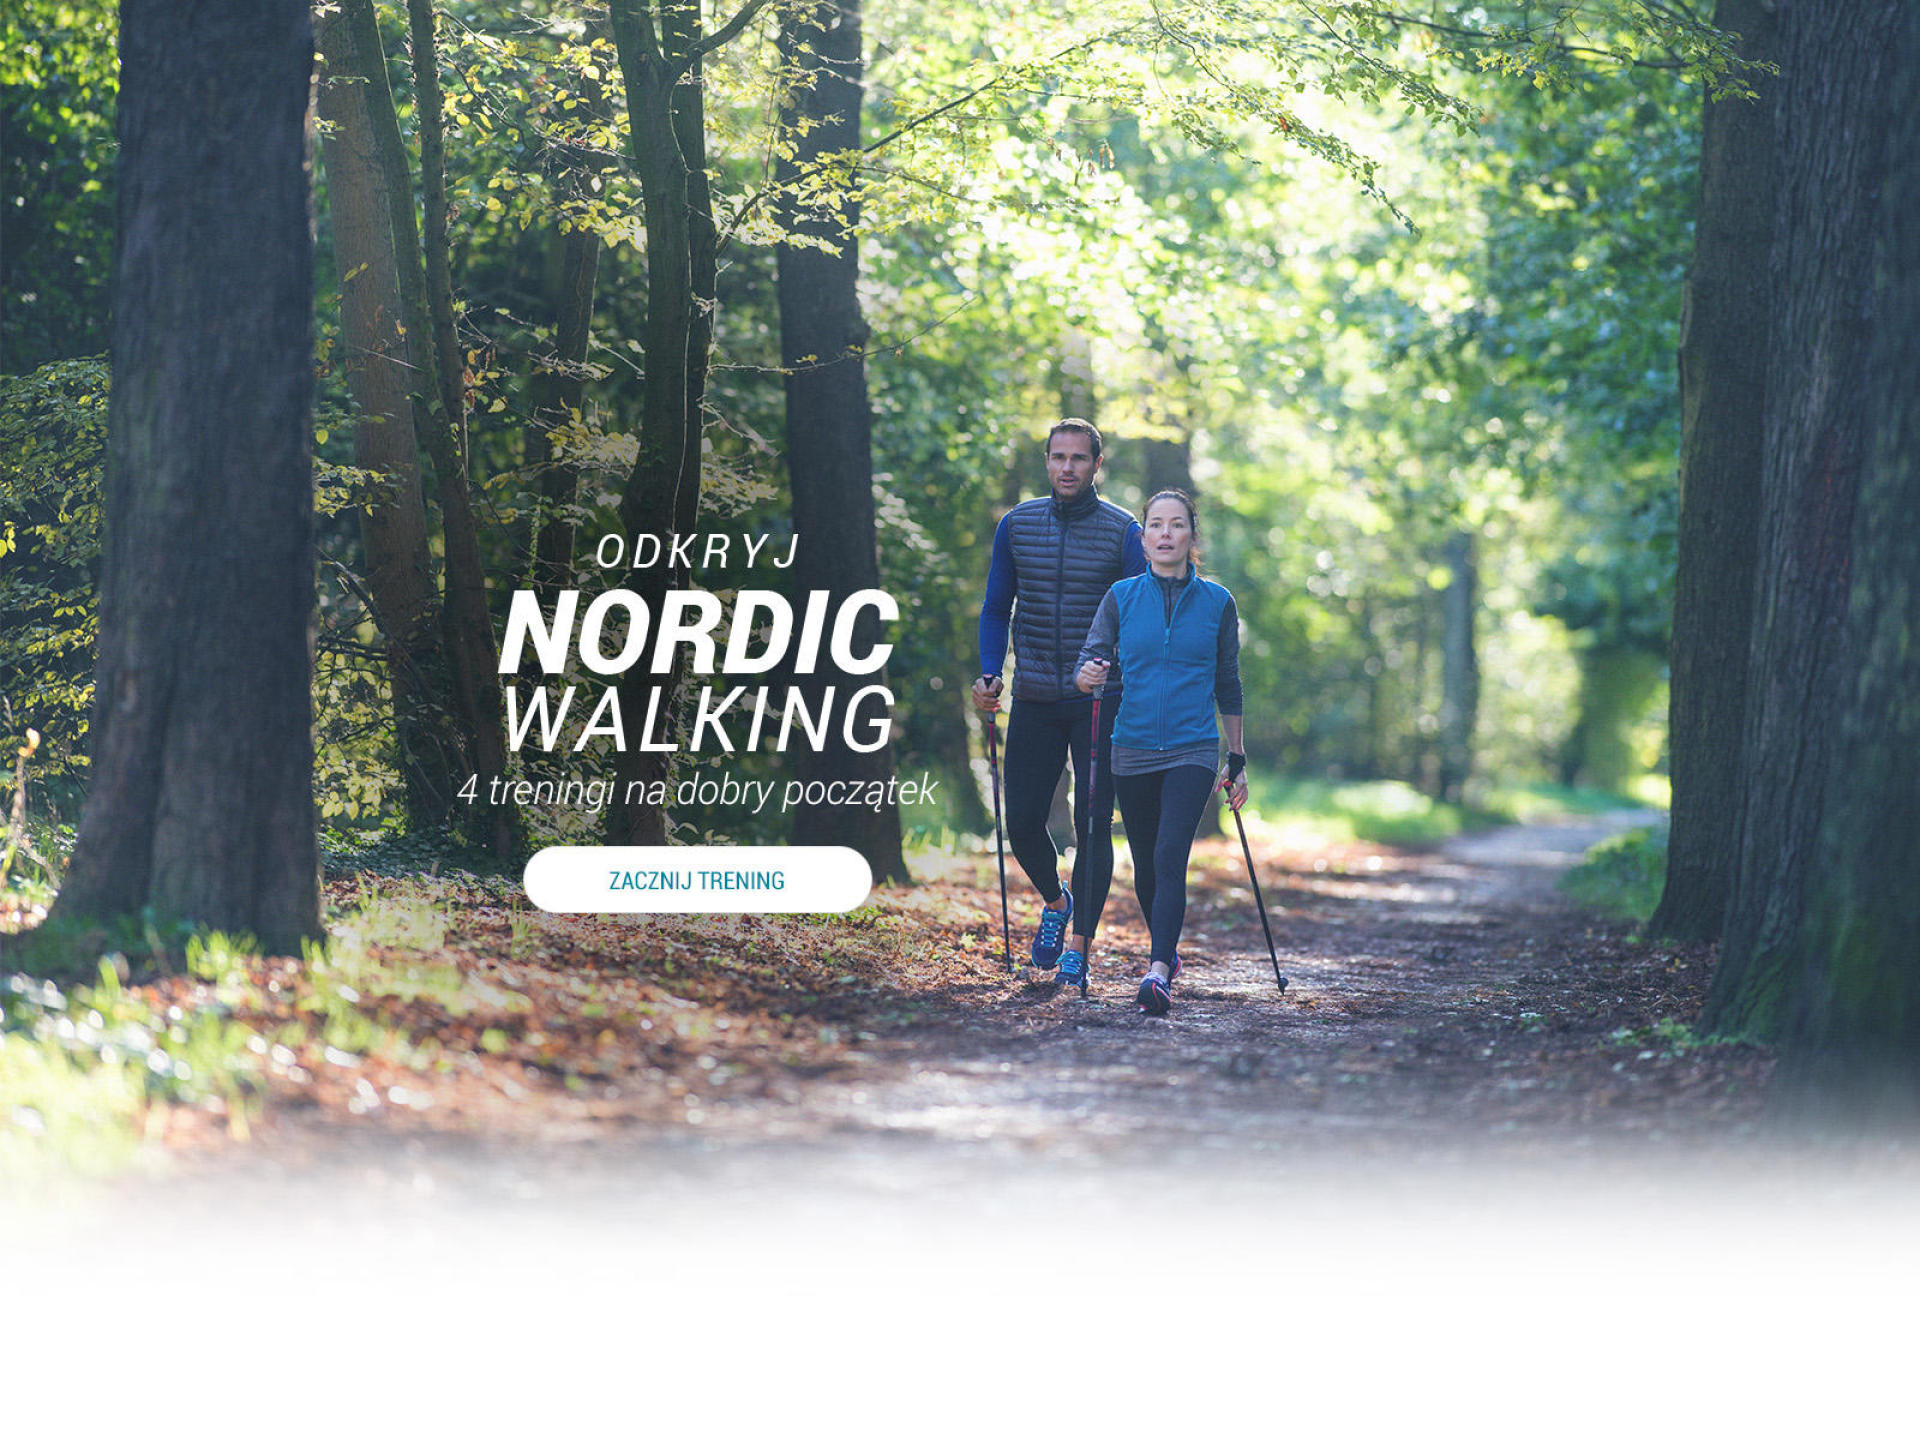 ODKRYJ NORDIC WALKING - 4 treningi na dobry początek